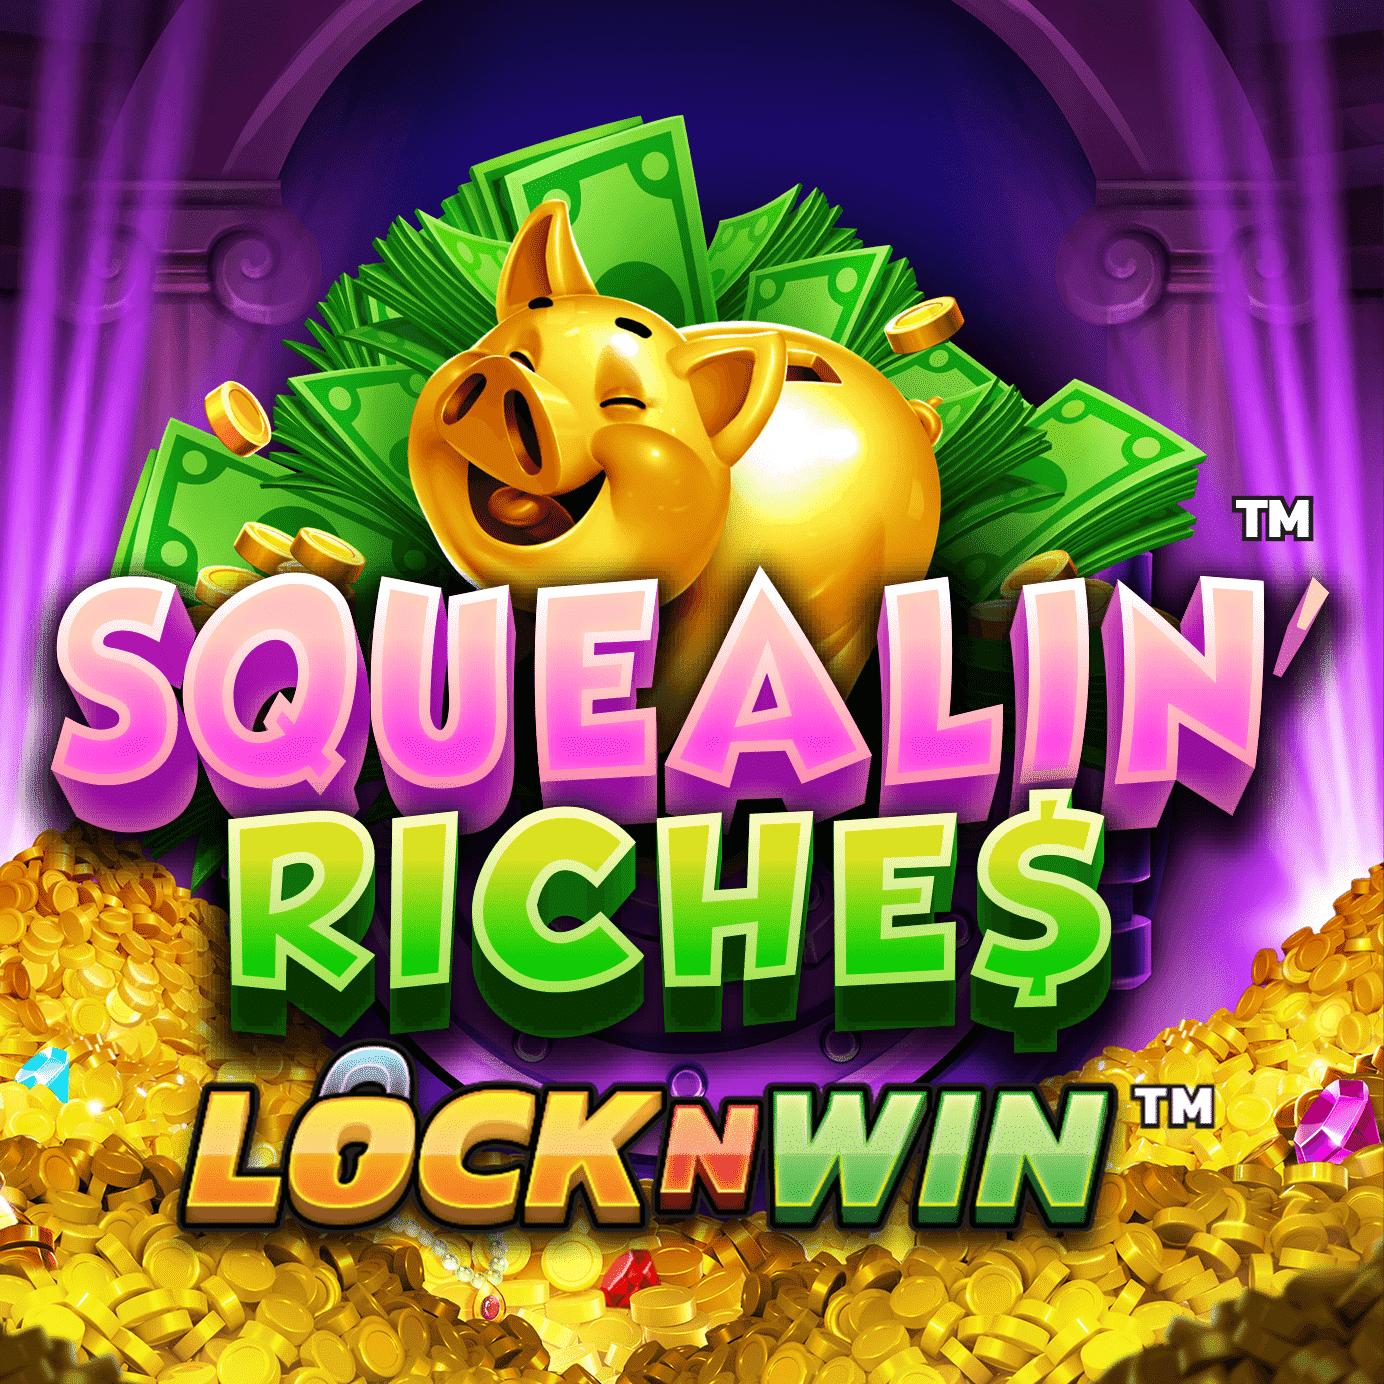 Squealin' Riches Lock n Win Logo